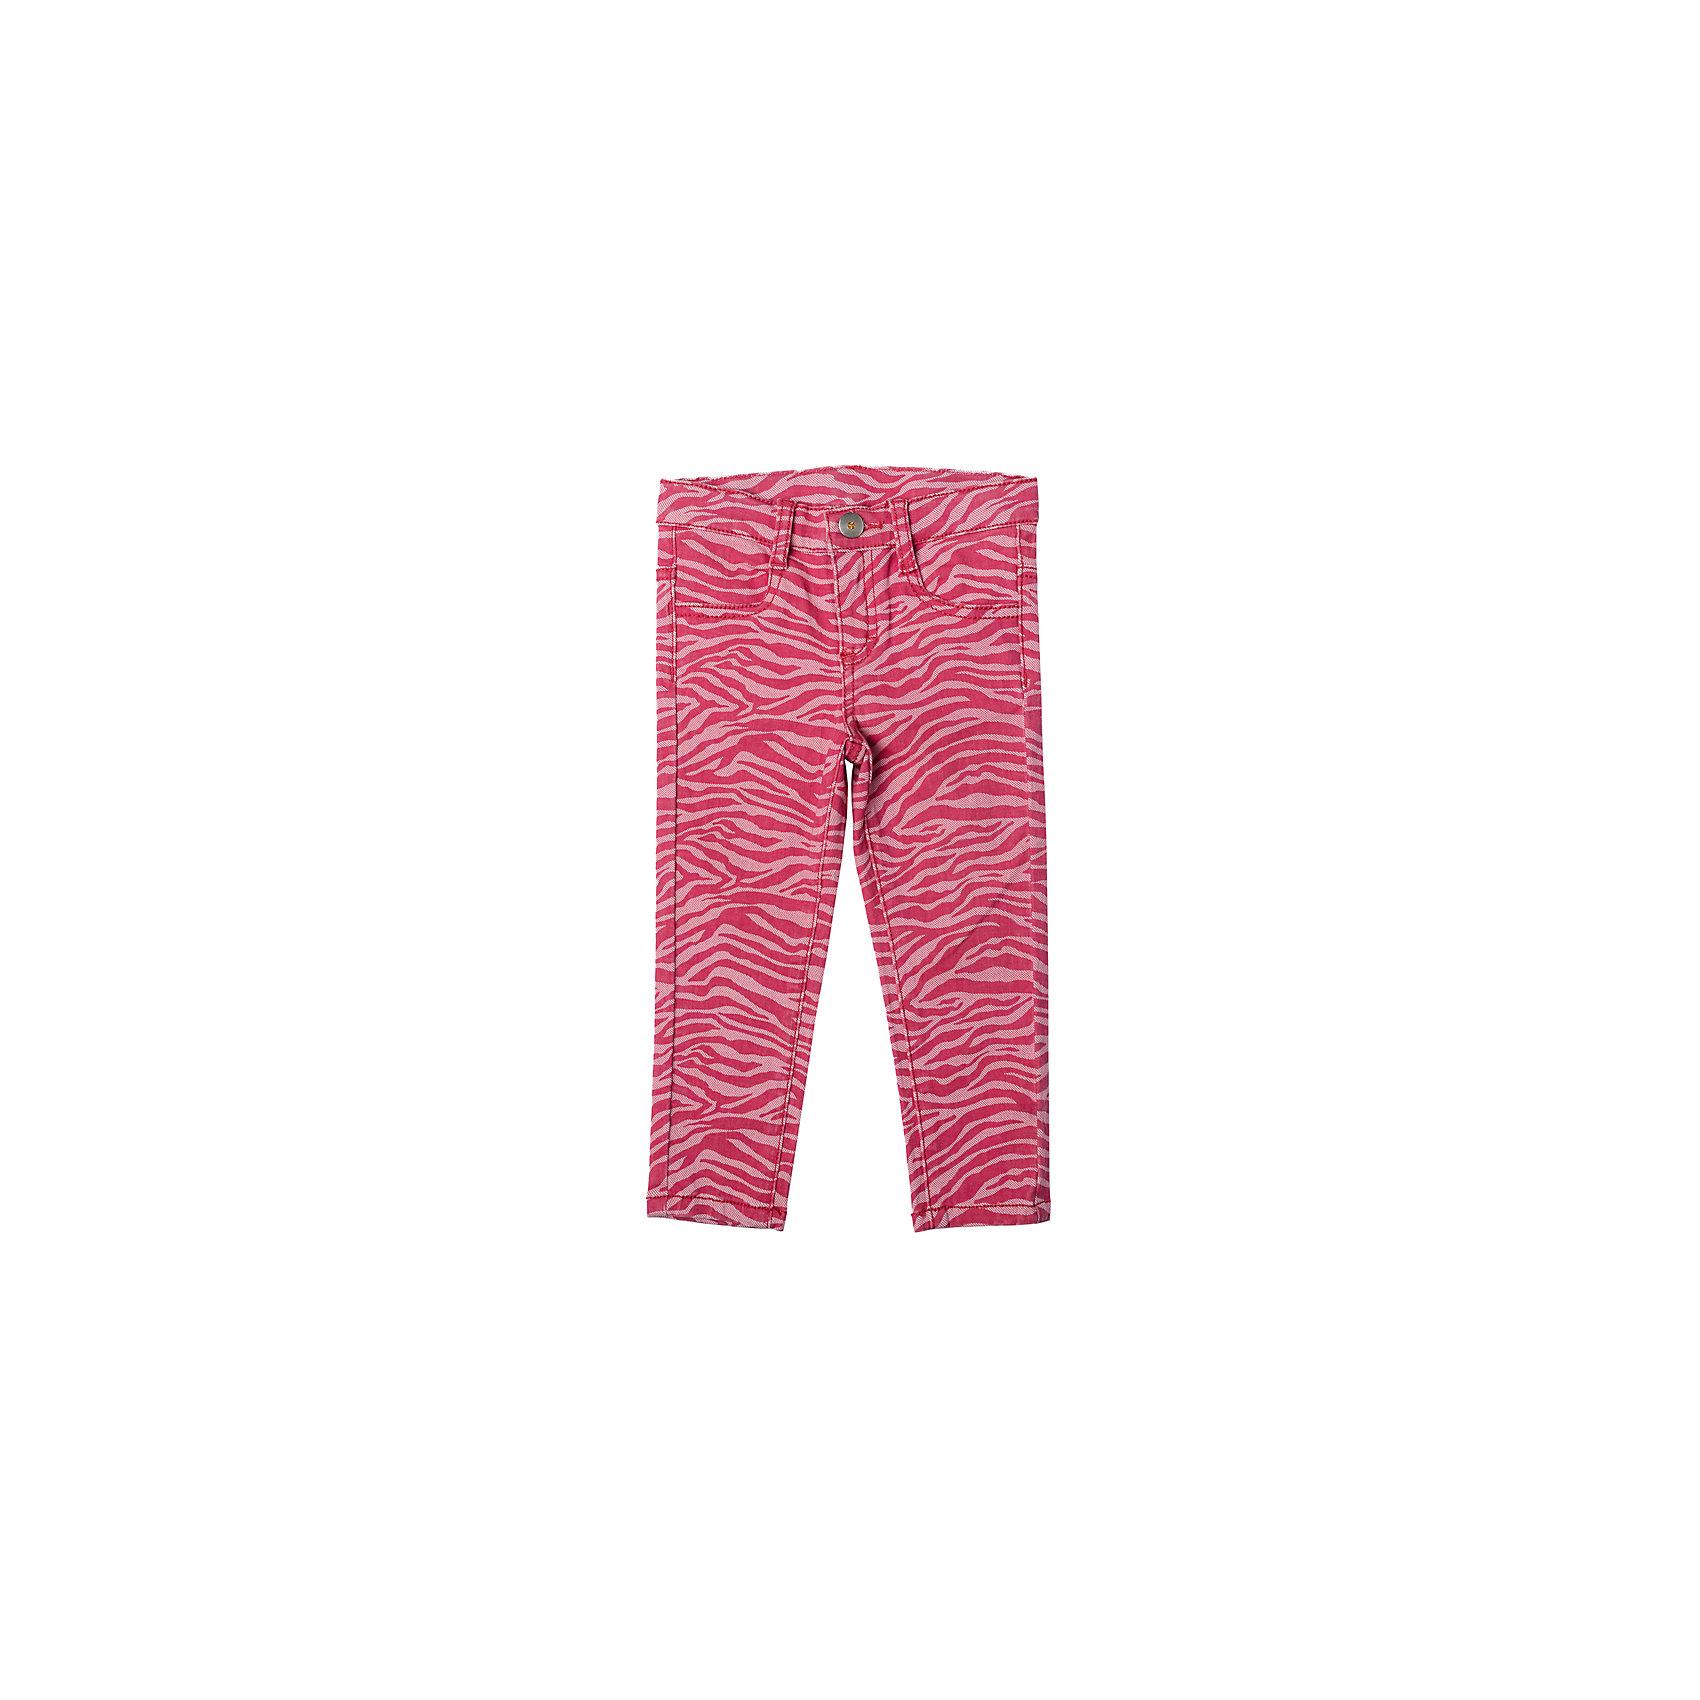 Джинсы для девочки PlayTodayДжинсовая одежда<br>Джинсы для девочки PlayToday<br>Джинсы из натуральной ткани прекрасно подойдут Вашему ребенку для отдыха и прогулок. Модель снабжена шлевками для ремня. Мягкая ткань не сковывает движений ребенка.  Могут быть хорошей базовой вещью в детском гардеробе.Преимущества: Мягкая ткань не вызывает раздраженийСвободный крой не сковывает движений ребенкаМодель со шлевками для ремня<br>Состав:<br>98% хлопок, 2% эластан<br><br>Ширина мм: 215<br>Глубина мм: 88<br>Высота мм: 191<br>Вес г: 336<br>Цвет: разноцветный<br>Возраст от месяцев: 18<br>Возраст до месяцев: 24<br>Пол: Женский<br>Возраст: Детский<br>Размер: 92,74,80,86<br>SKU: 5408109